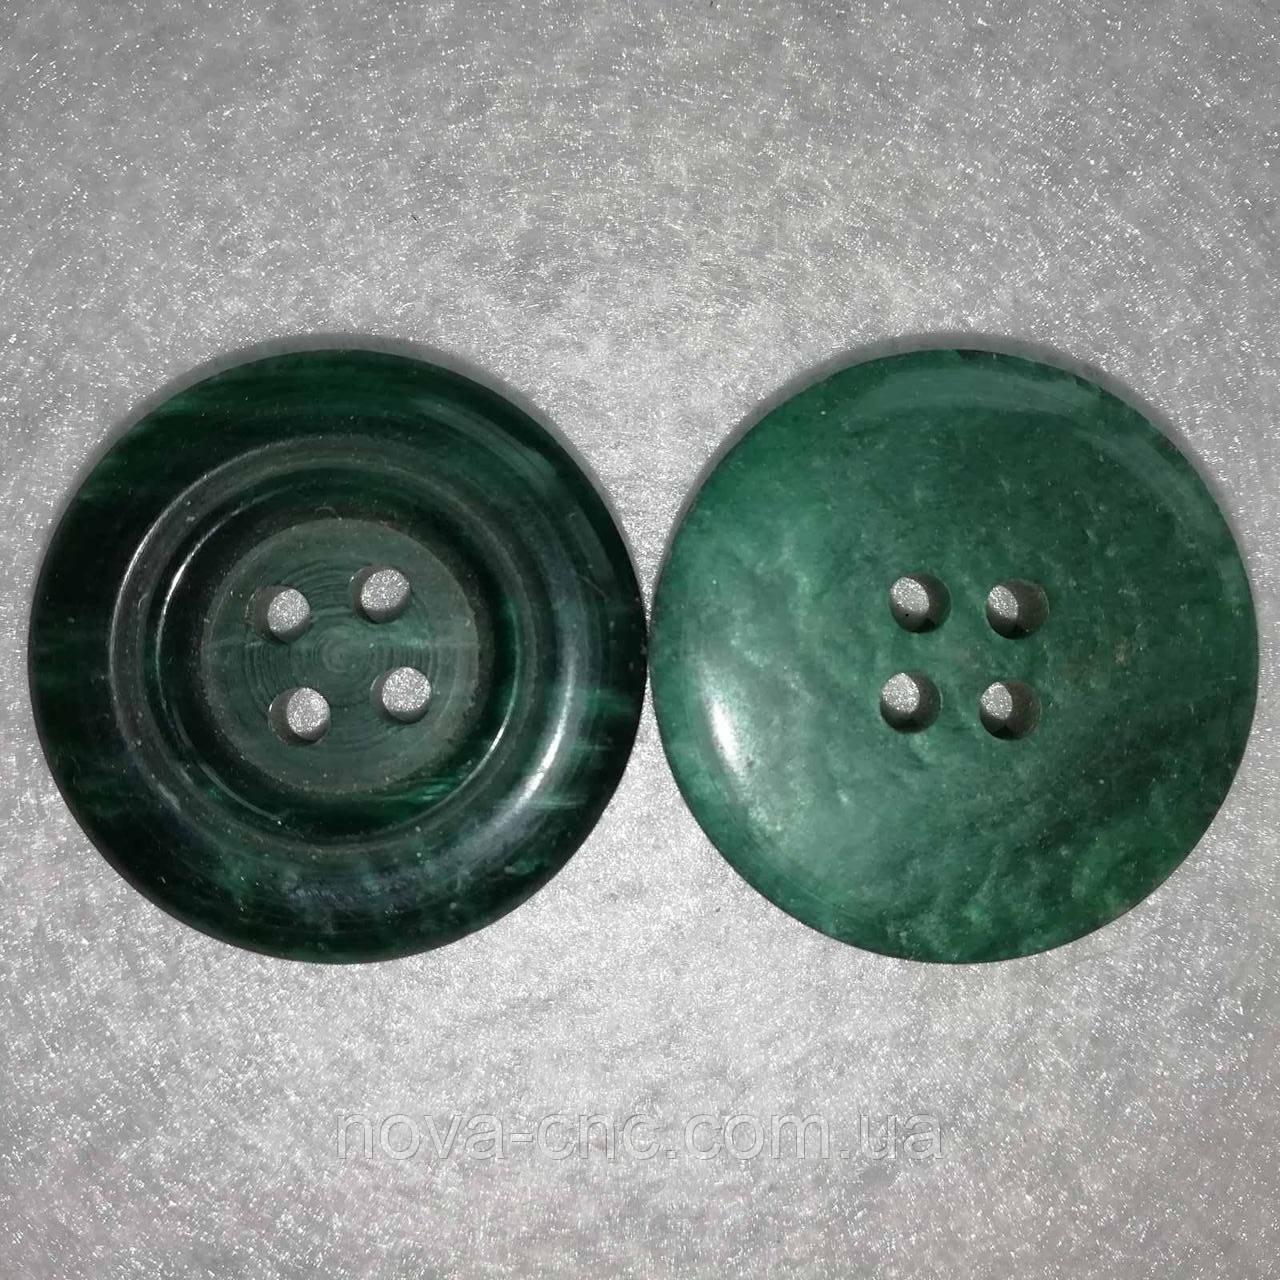 Пуговицы  пластмассовые 28 мм Цвет зеленый Упаковка100 штук